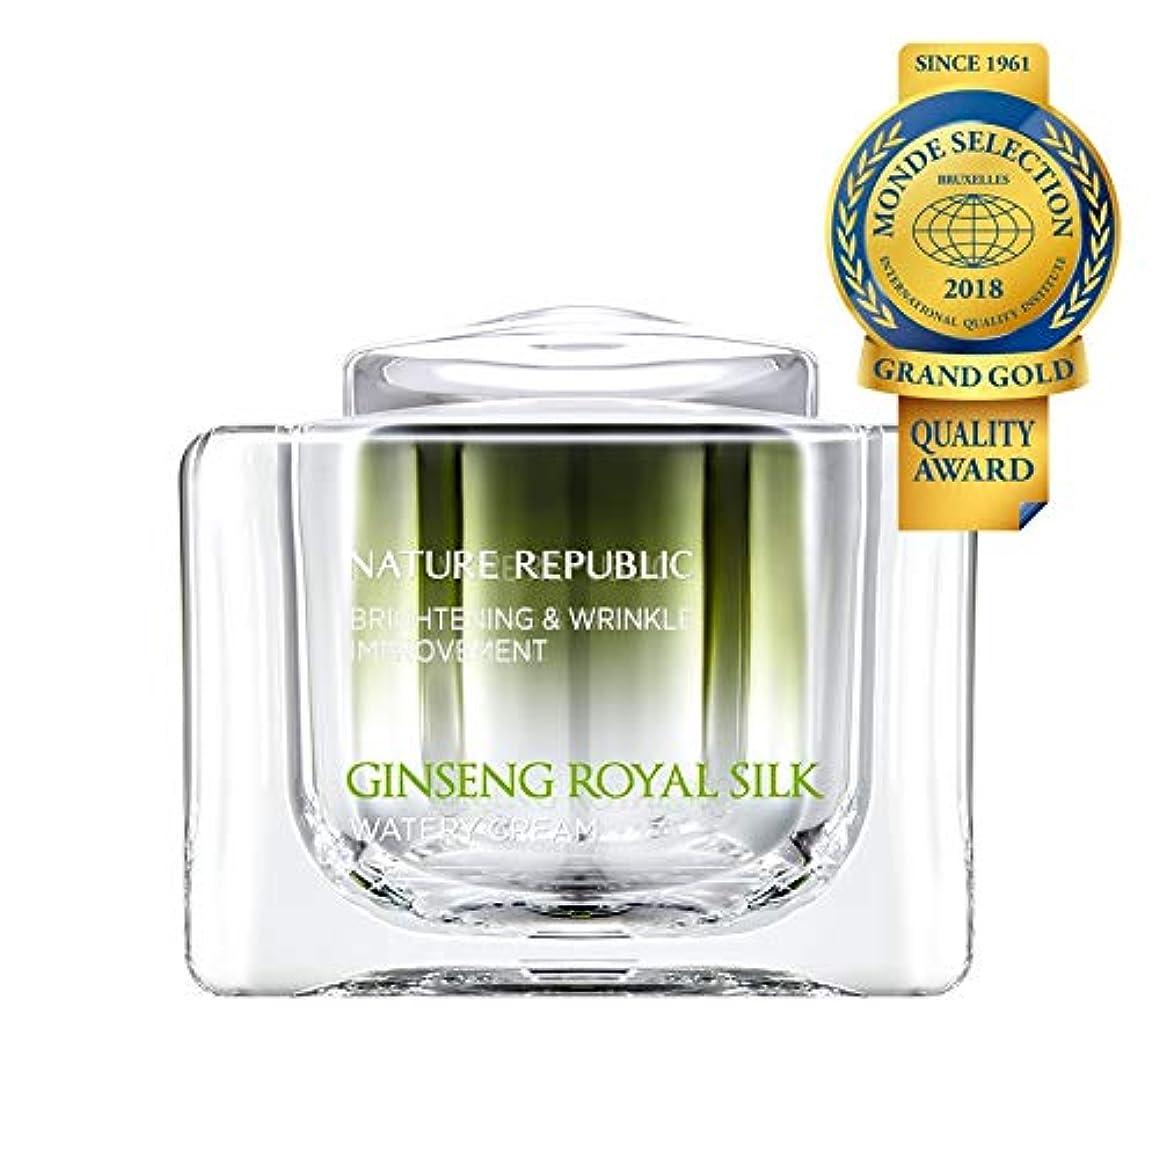 スロットスイッチ置くためにパックネイチャーリパブリック(Nature Republic)ジンセンロイヤルシルクウォーターリークリーム 60g / Ginseng Royal Silk Watery Cream 60g :: 韓国コスメ [並行輸入品]